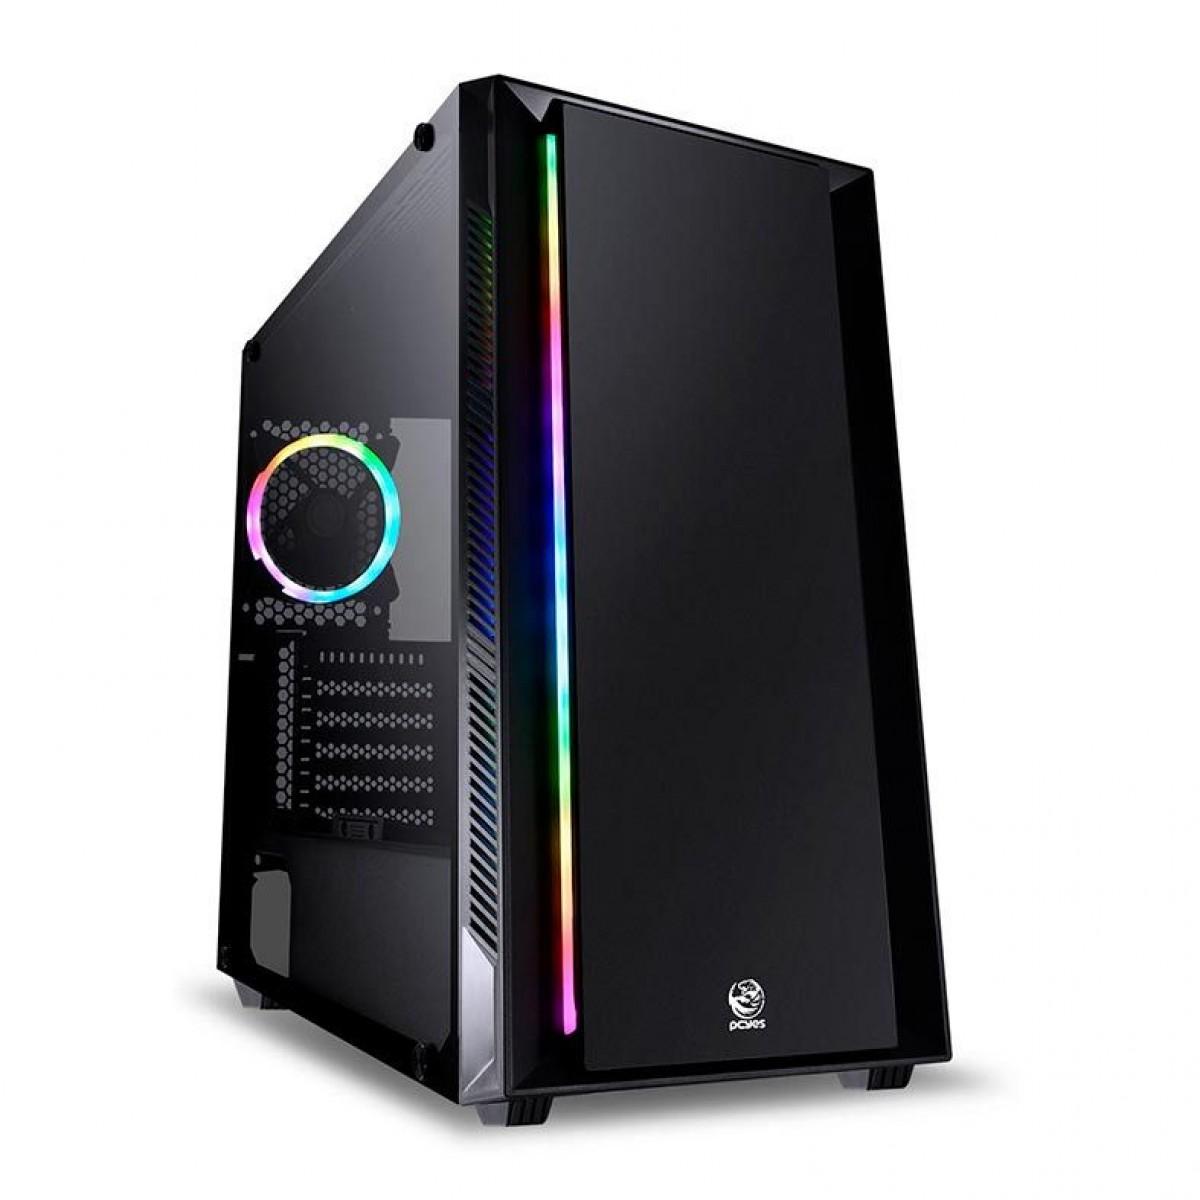 Gabinete Gamer PcYes, Chroma, RGB, Full Tower, Vidro Temperado, Sem Fonte, Com 1 Fan, CHPTRGB1FCV